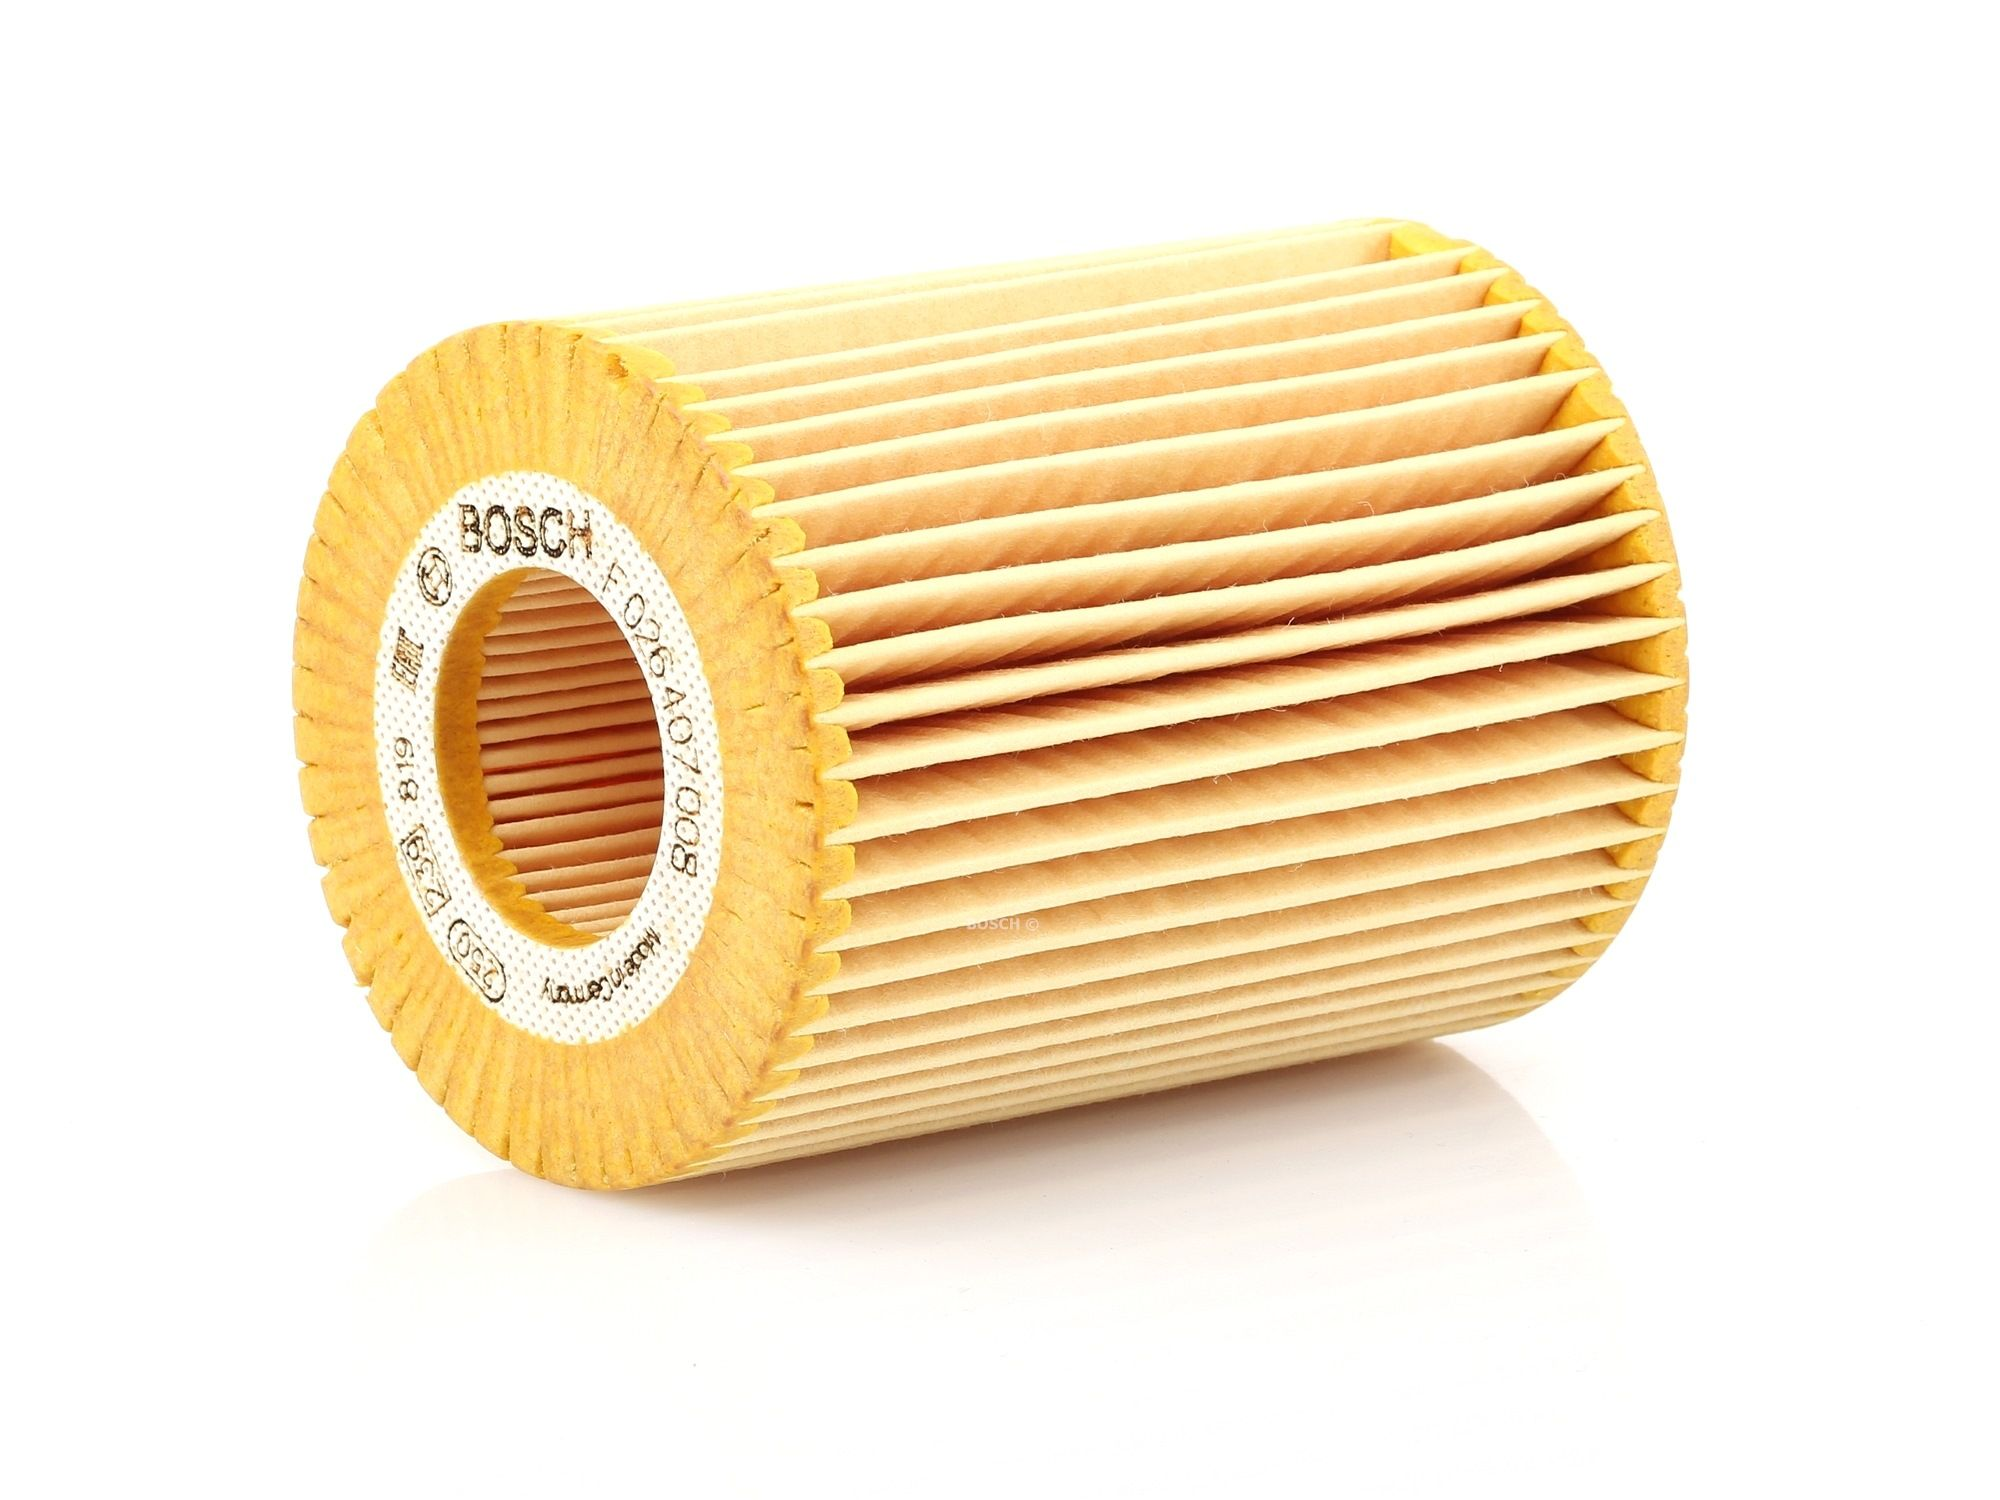 P7008 BOSCH Filtereinsatz Ø: 71,5mm, Höhe: 95mm Ölfilter F 026 407 008 günstig kaufen